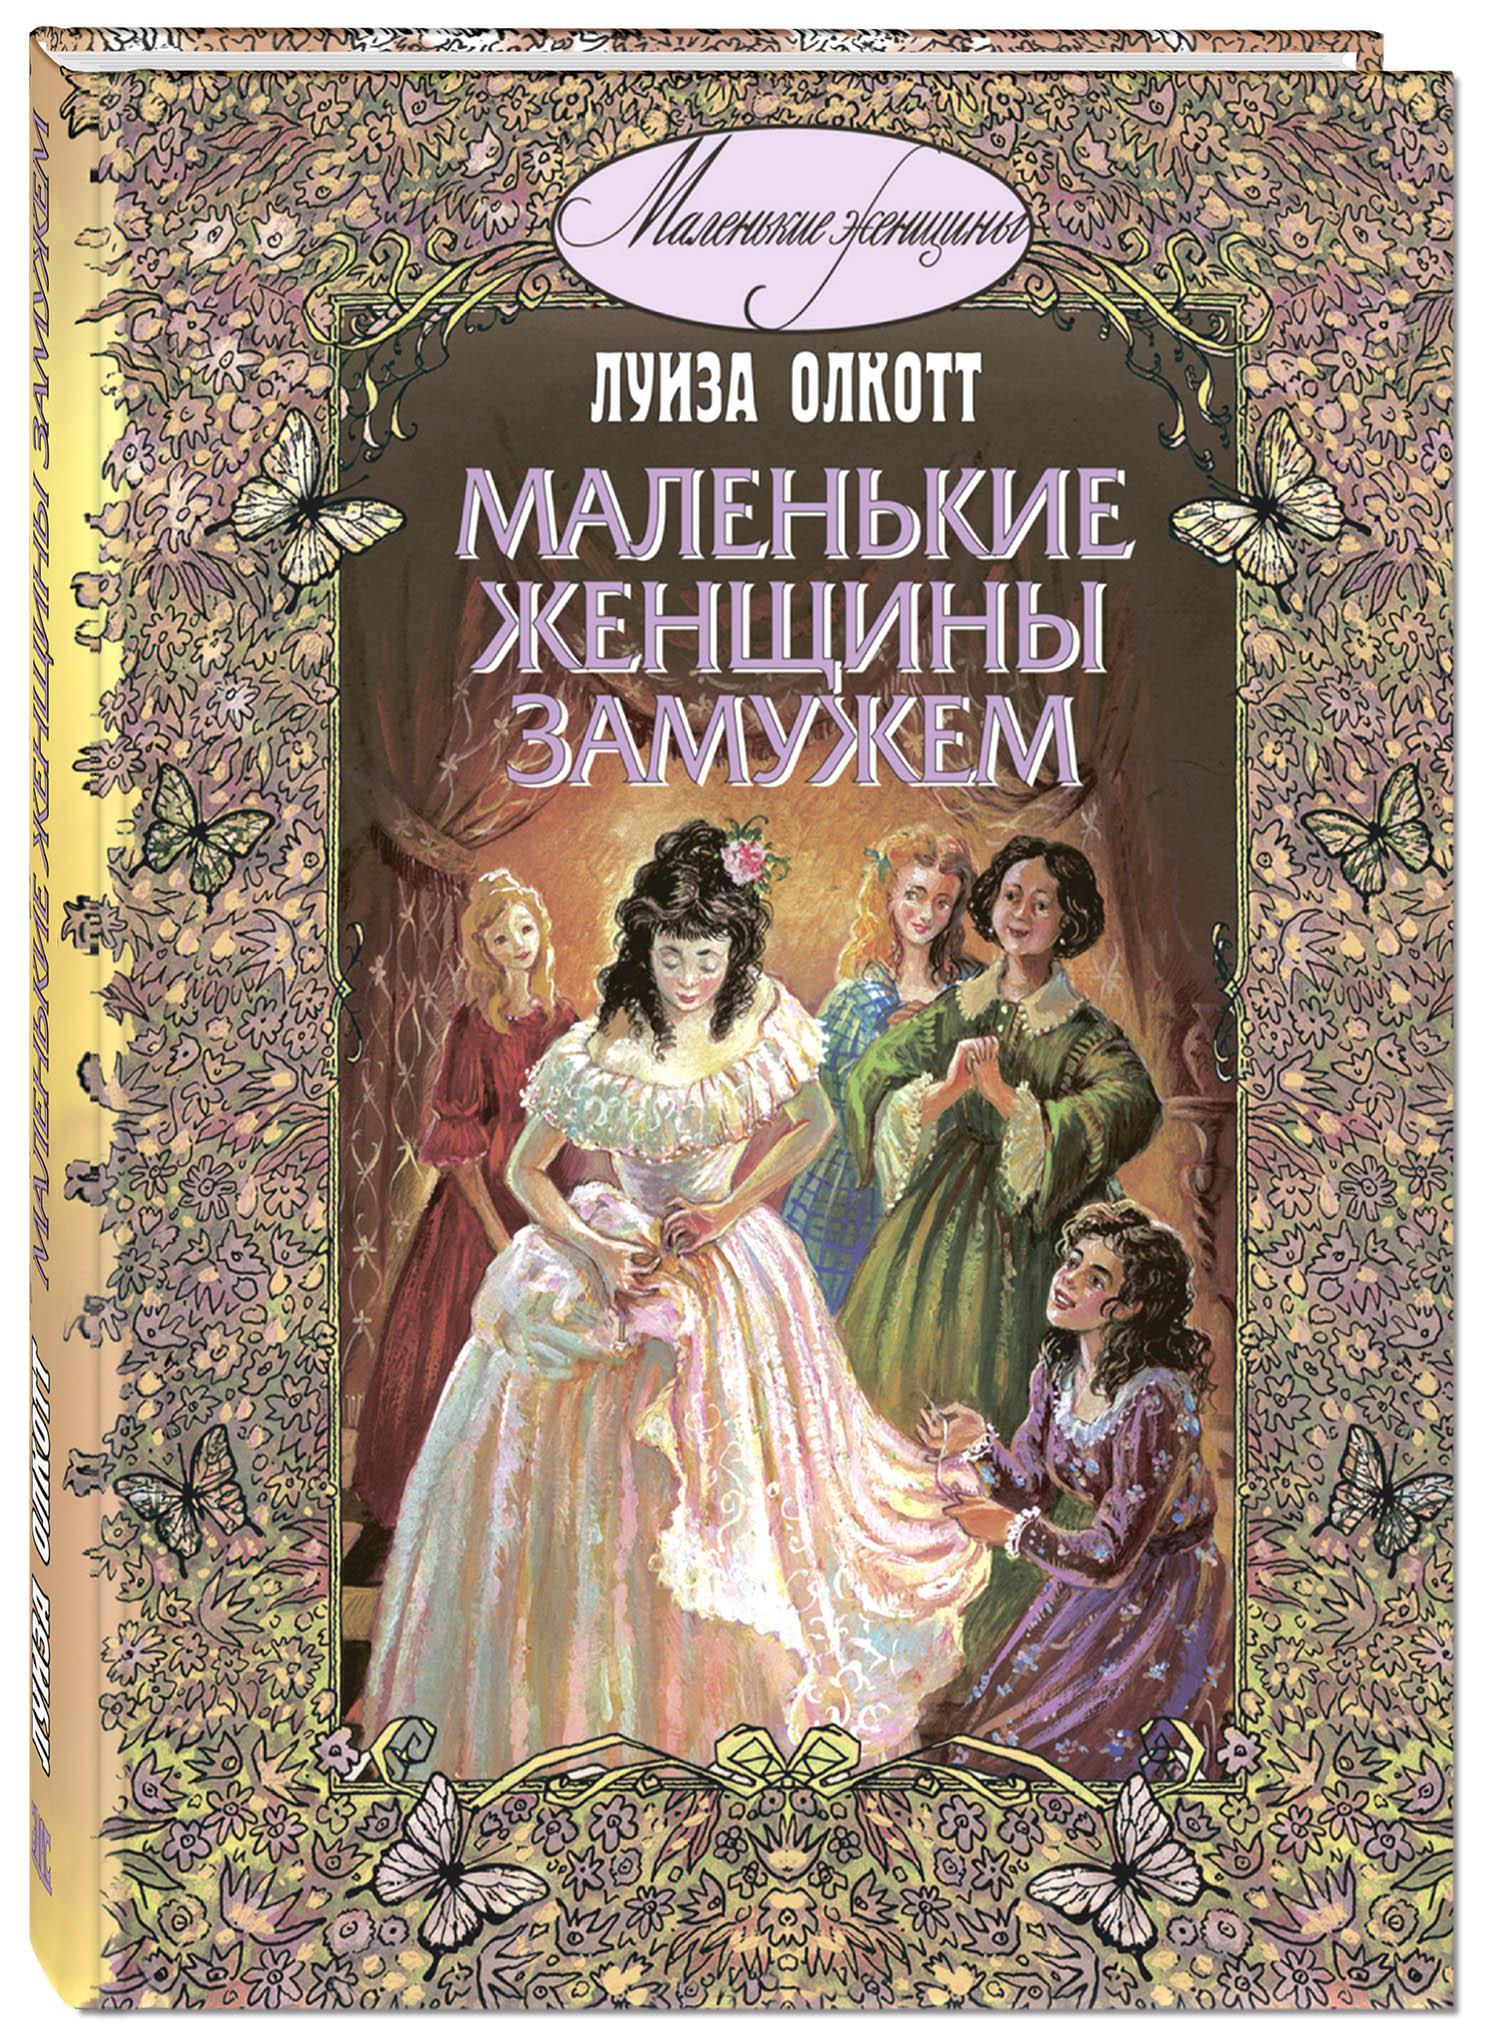 Луиза Олкотт Маленькие женщины замужем